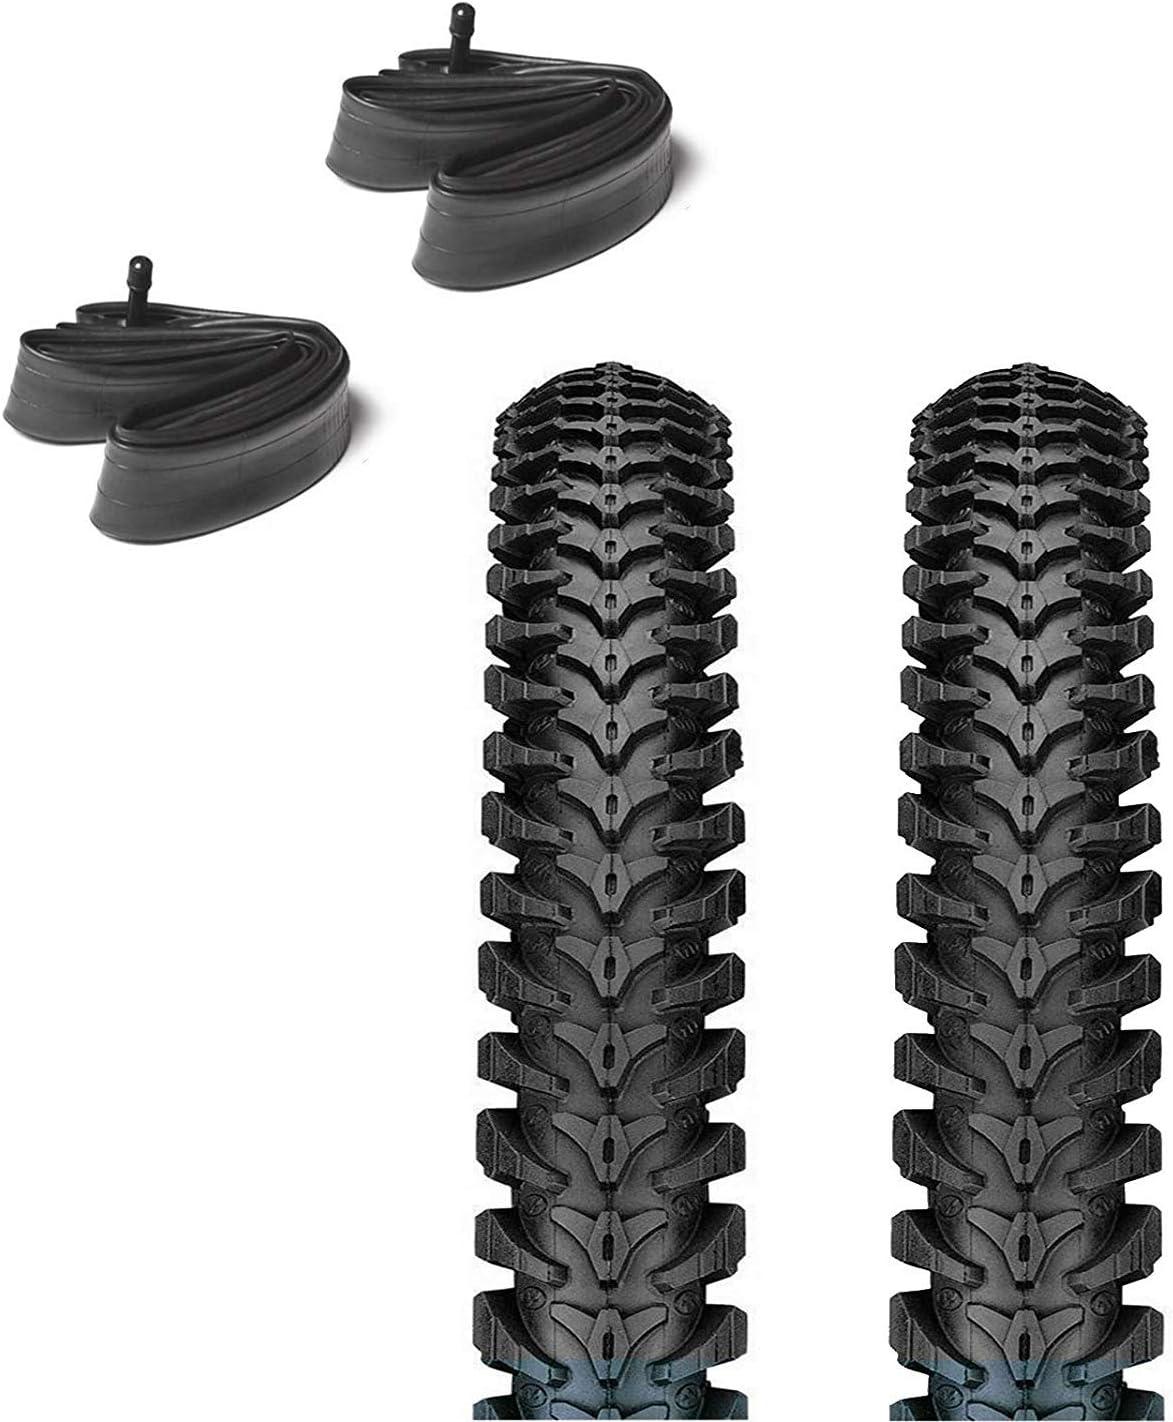 57 x 254 pour Enfants VTT etc. ASC Lot de 2 pneus et Chambres /à air pour v/élo Tout-Terrain avec Valve Schrader 14 x 1,95